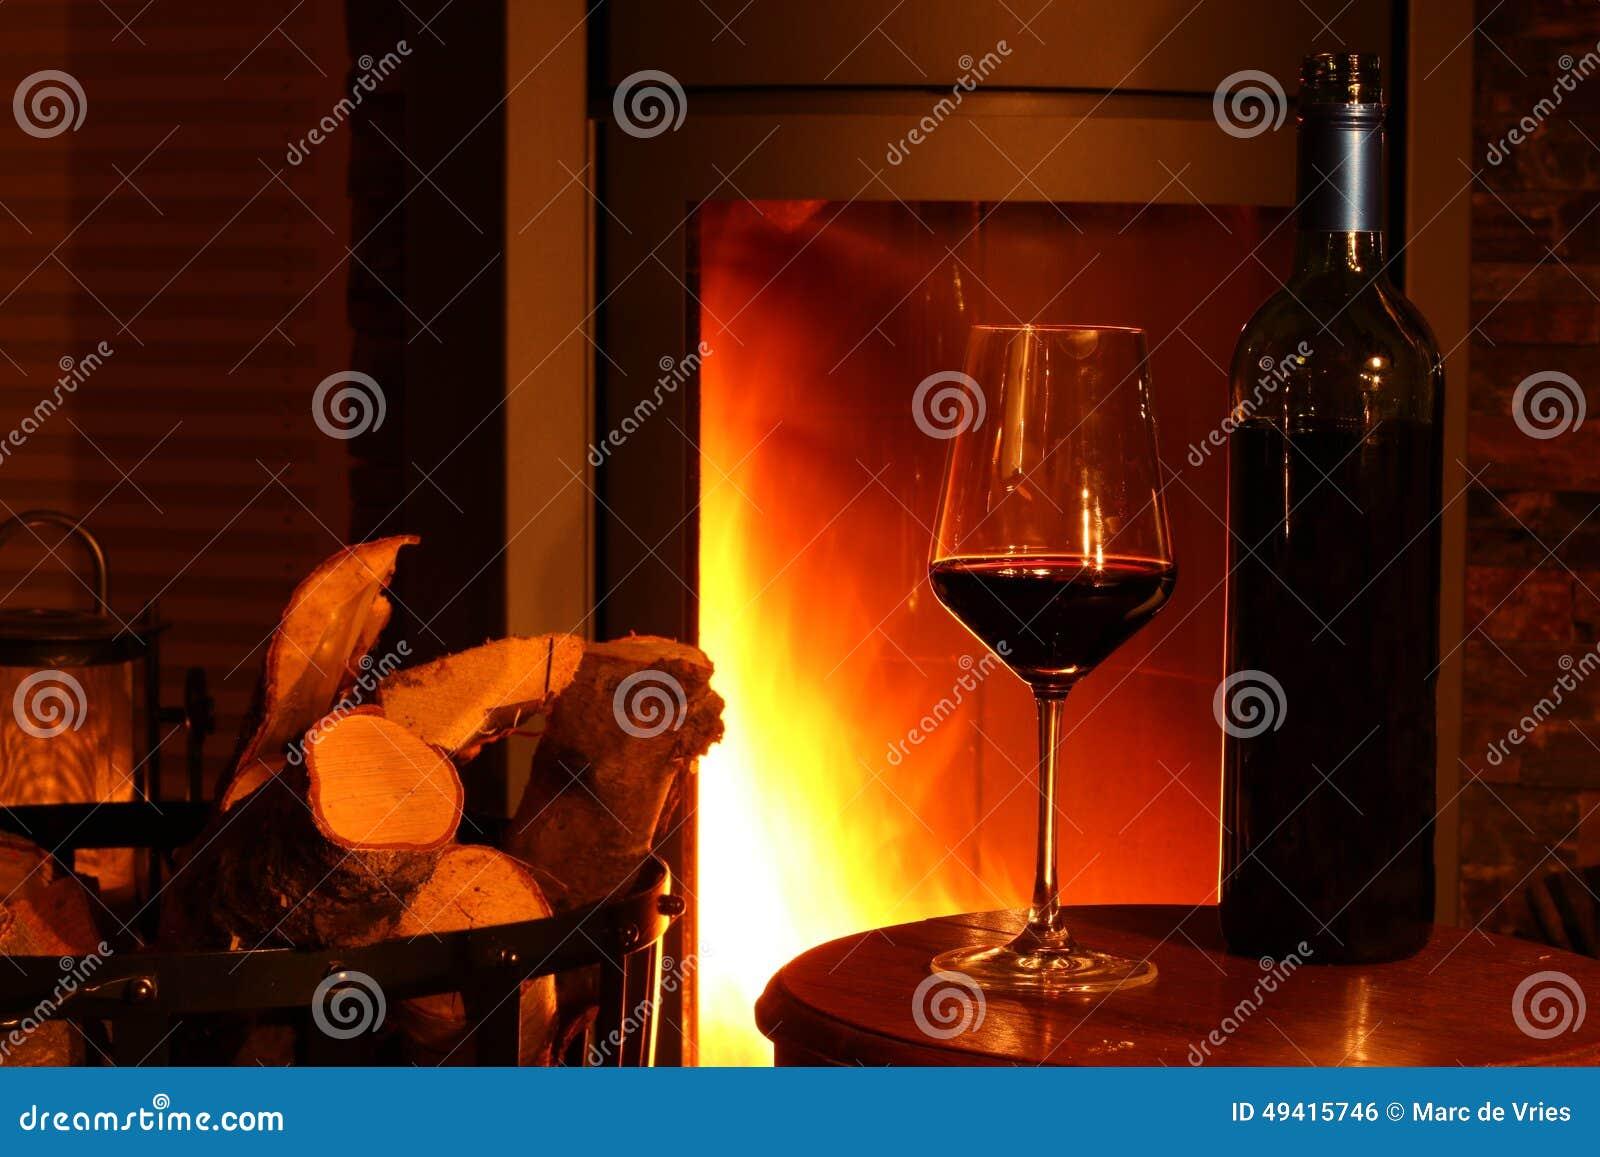 Download Wein am Kamin stockfoto. Bild von warm, feuer, kamin - 49415746